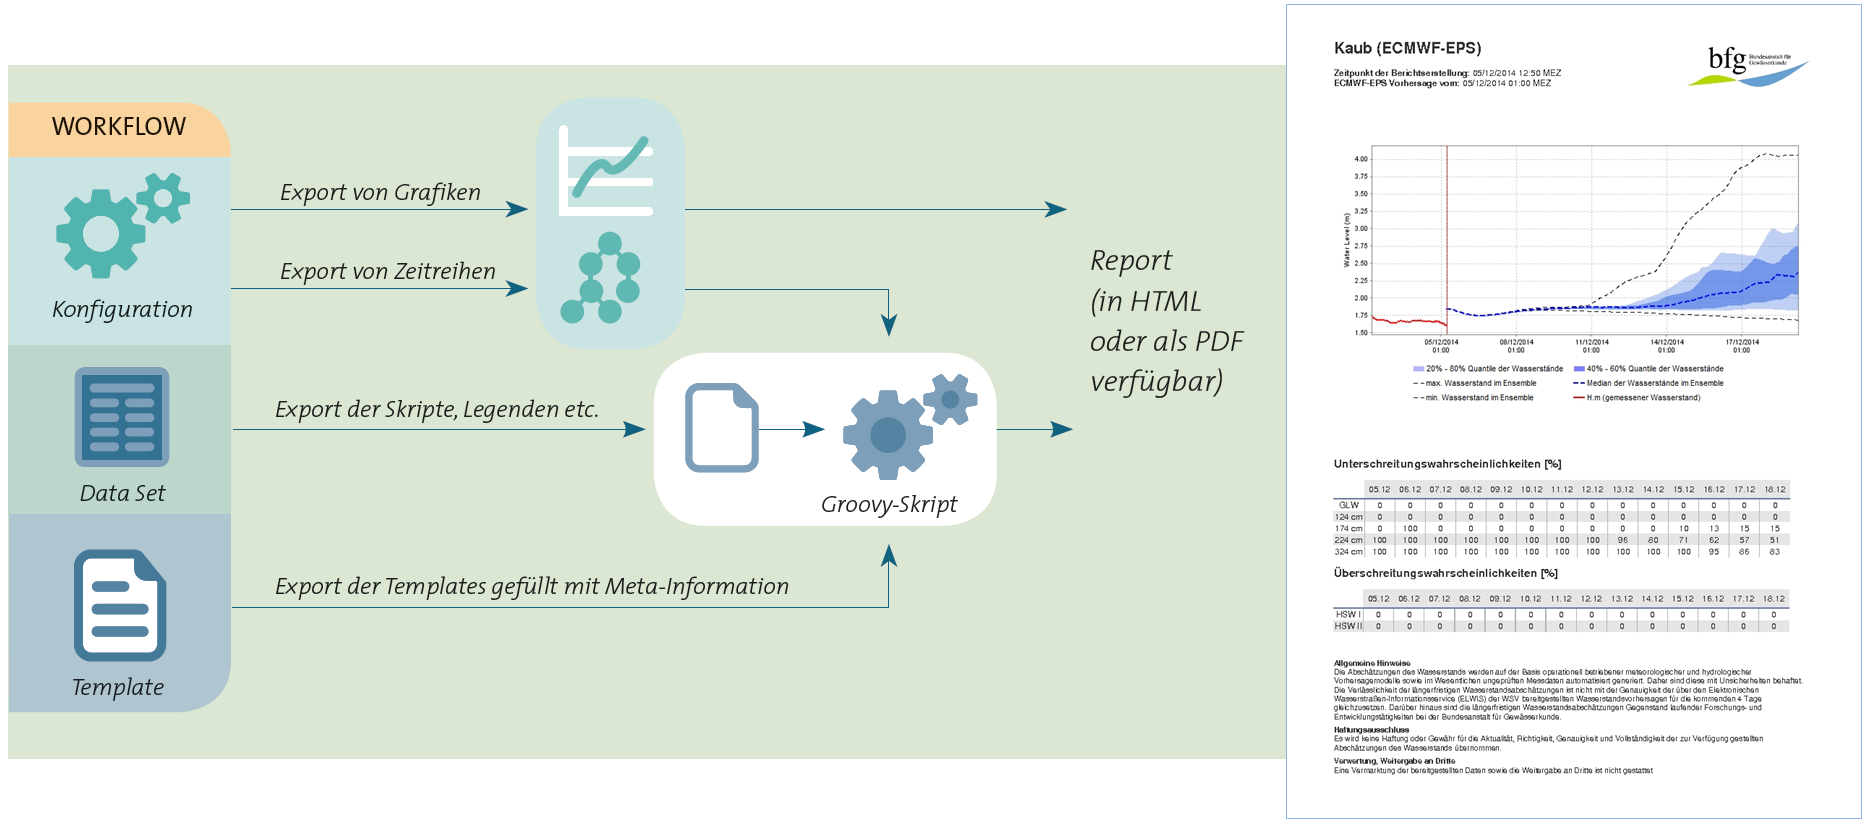 Wir haben Delft-FEWS um einen Workflow ergänzt, der automatisch Berichte aus Vorhersagedaten produziert. Rechts die Vorhersage des Wasserstands mit Über- und Unterschreitungswahrscheinlichkeit bestimmter Grenzwerte.